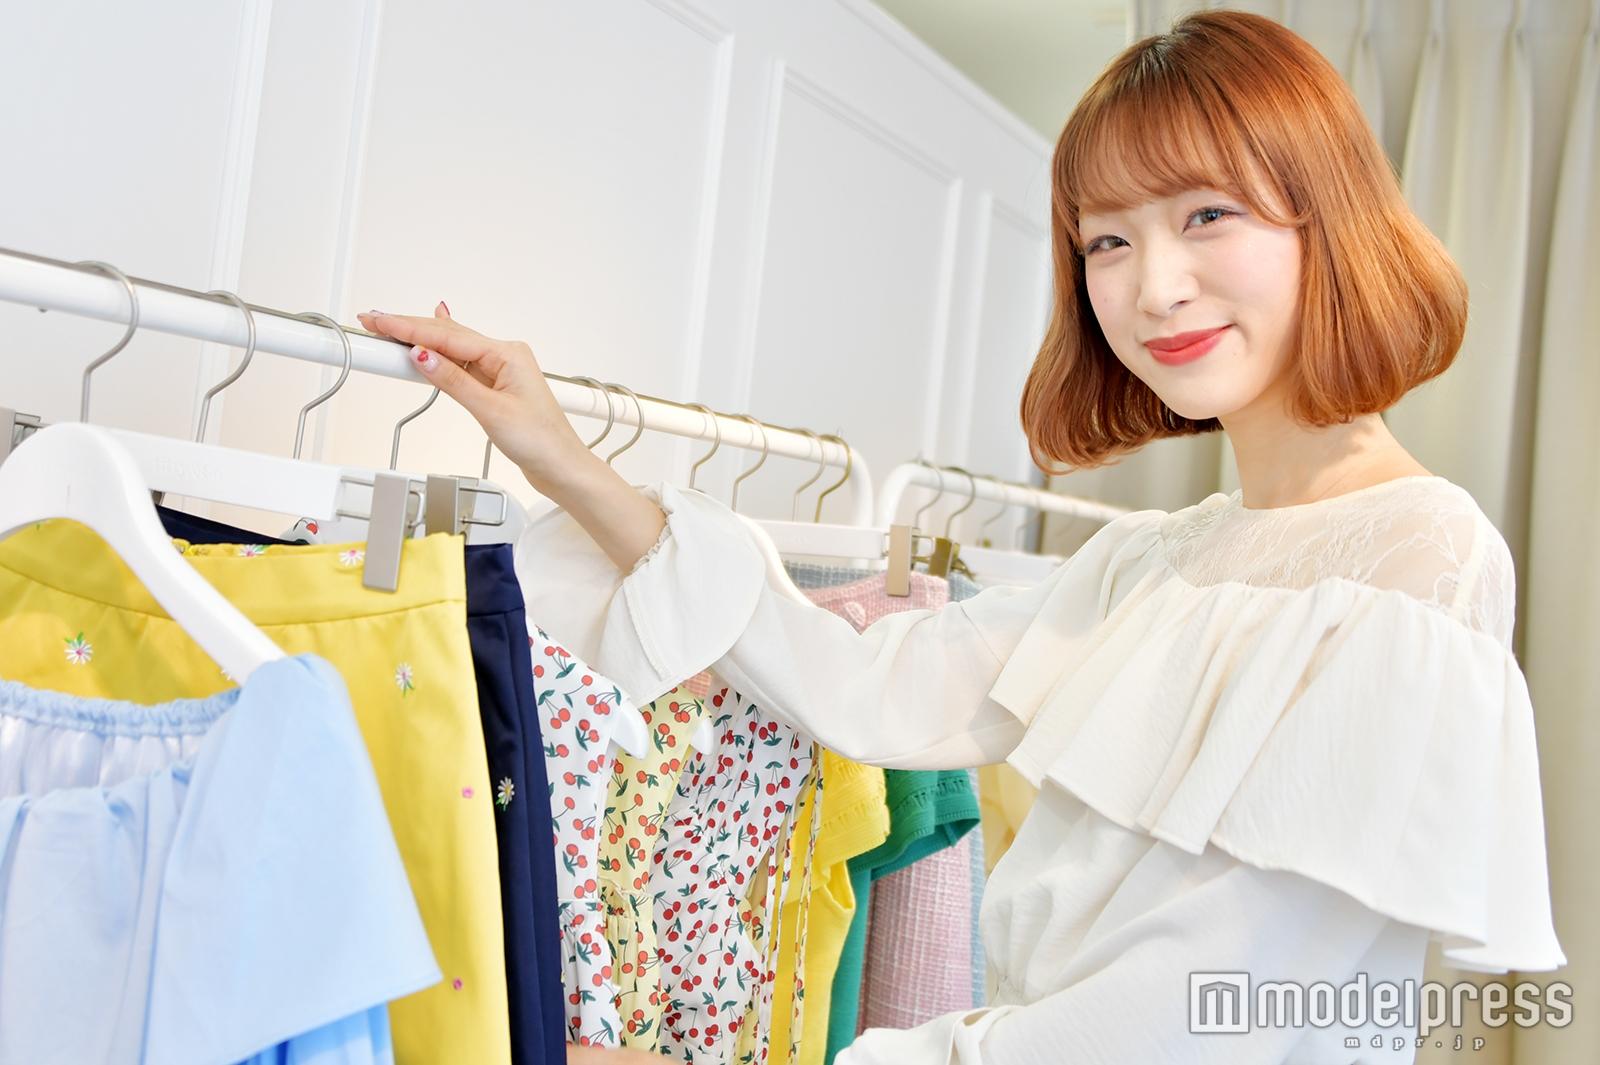 モデルプレスのインタビューに応じた岩崎真子さん(C)モデルプレス